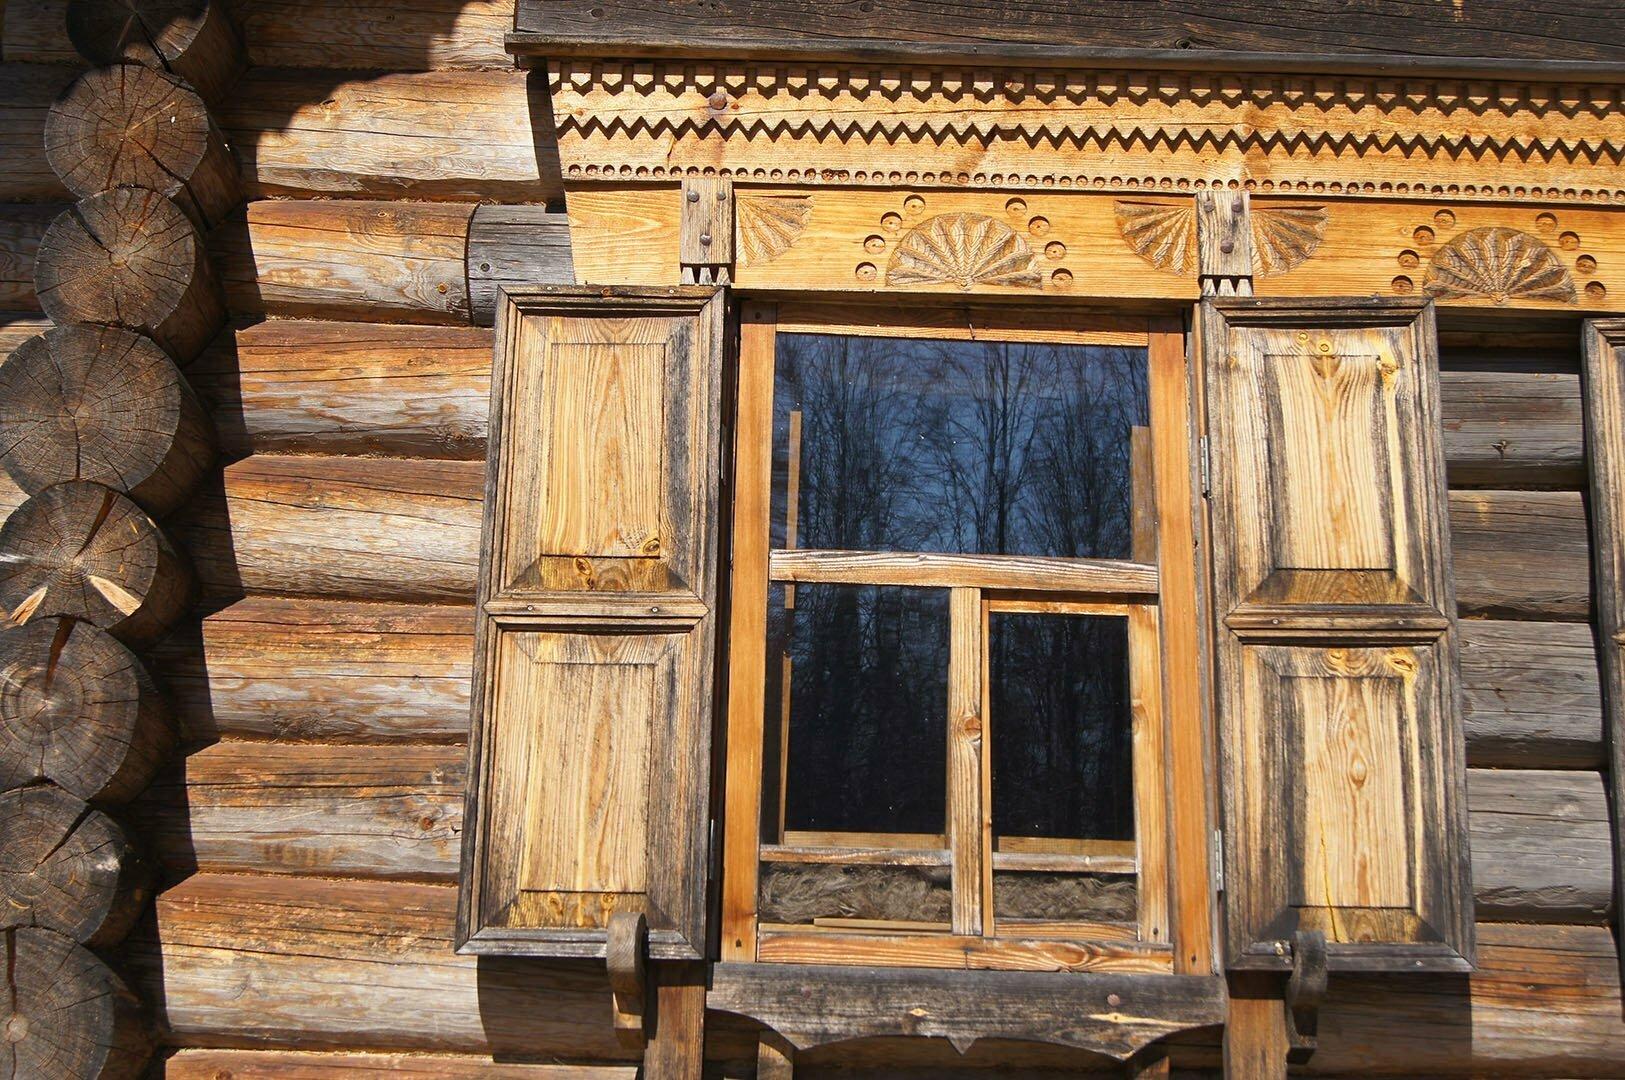 Резные украшения на избе Утенковой, Музей деревянного зодчества в Великом Новгороде